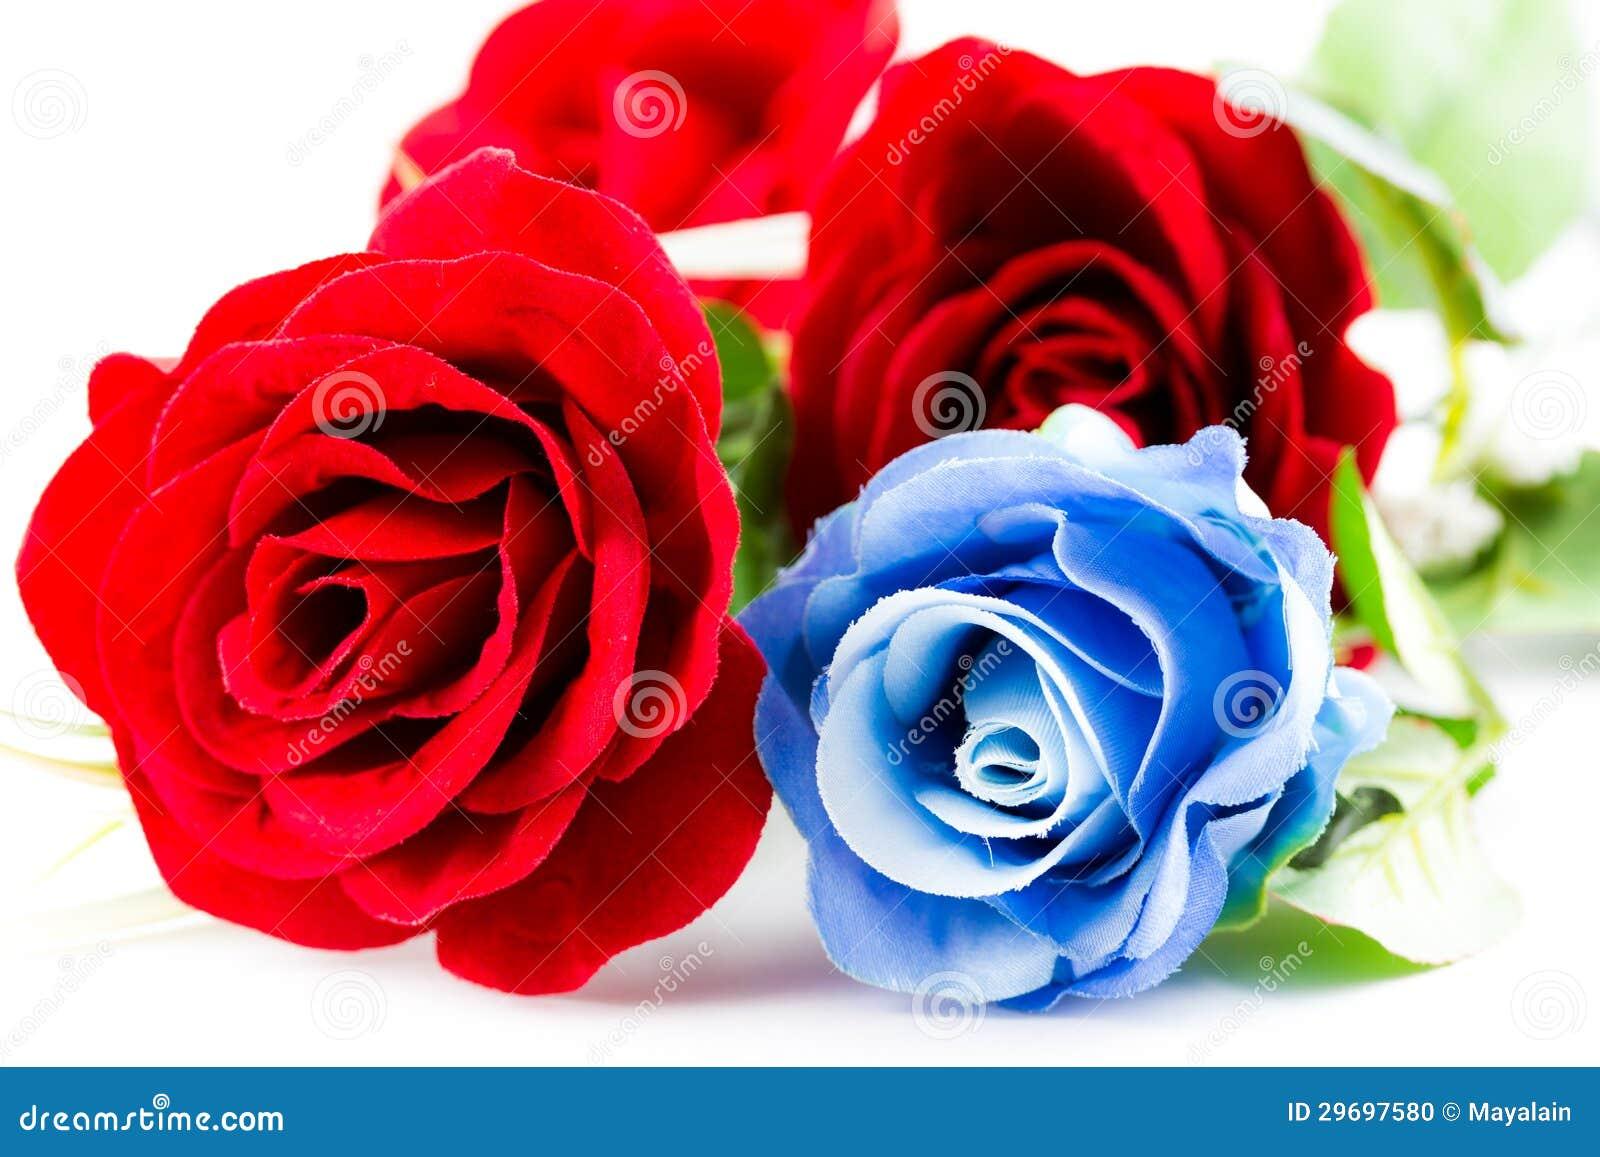 Rosas Rojas Y Azules Foto De Archivo Imagen De Wallpaper 29697580